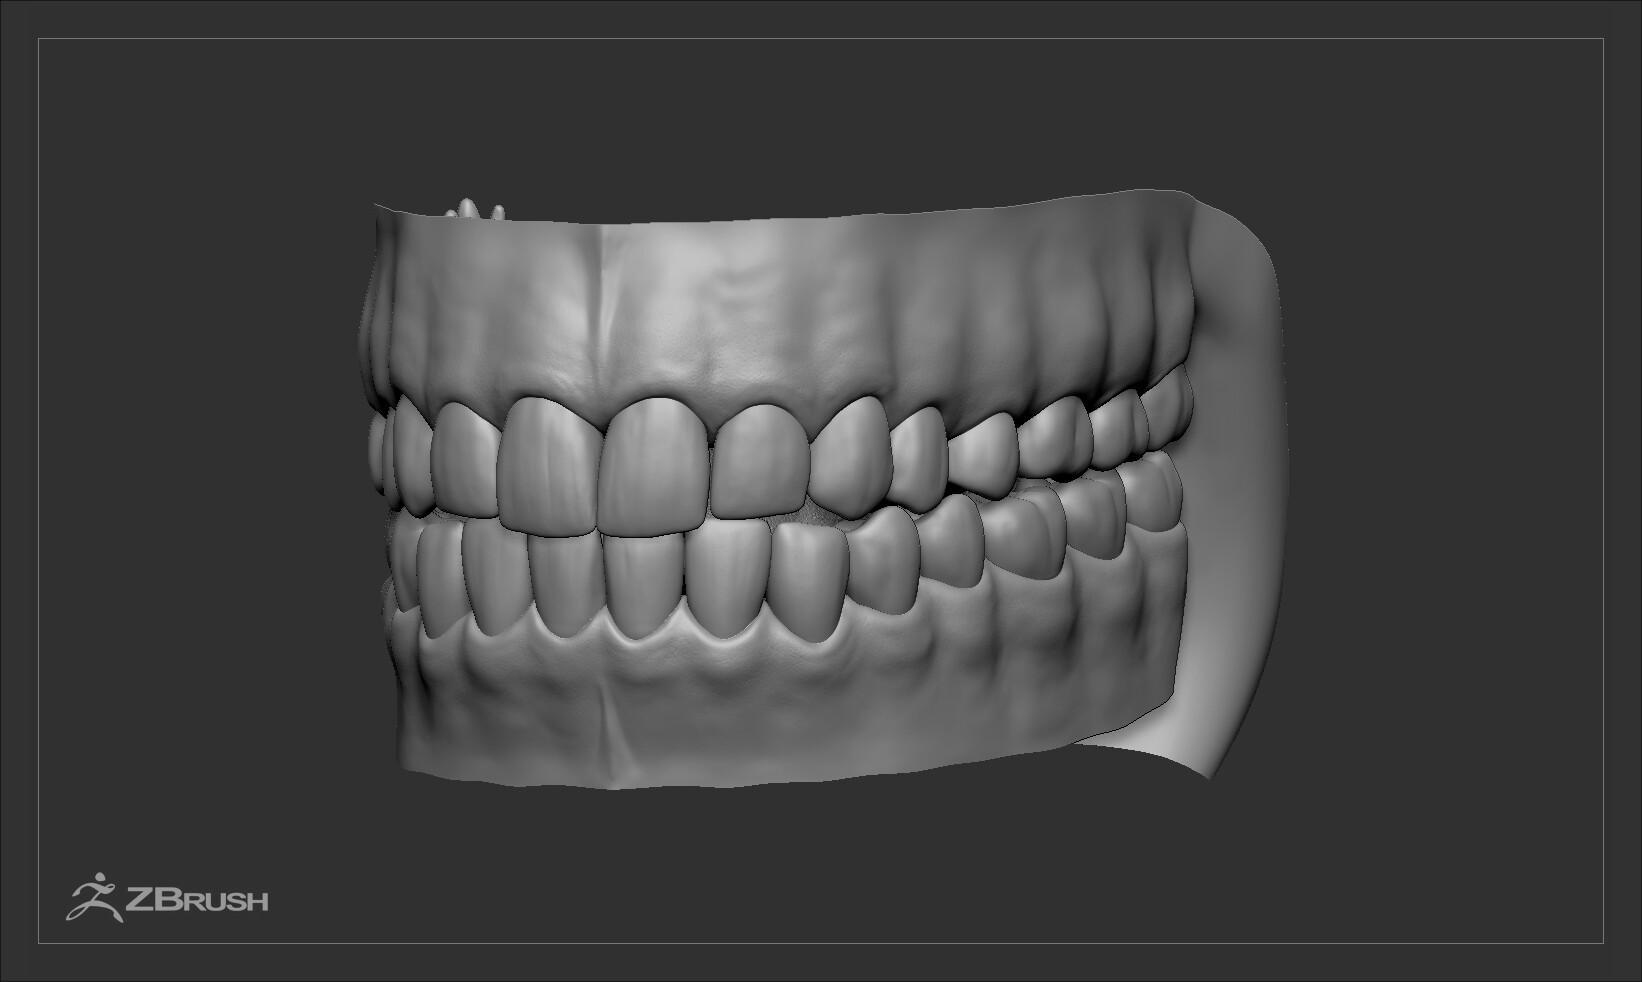 Alex lashko teethtongueset gen2 by alexlashko zbrush 01